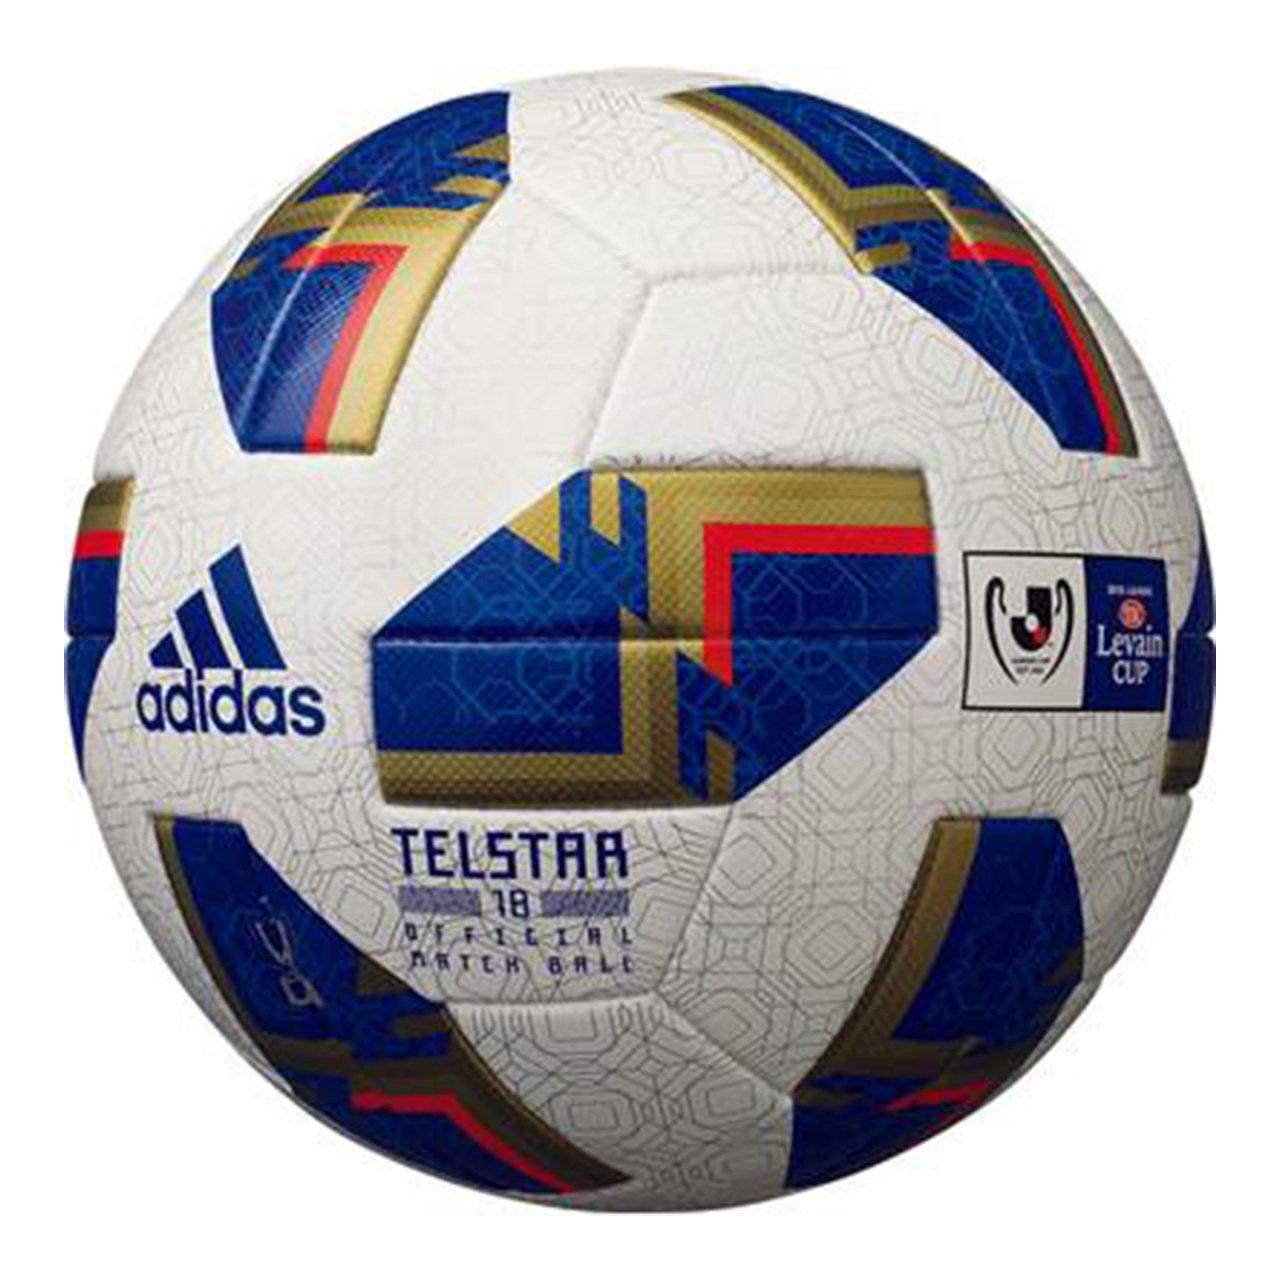 adidas(アディダス)テルスター18 Jリーグ ルヴァンカップ 5号球 公式試合球 AF5300LC B07BXYS8Q8ホワイト 5号球